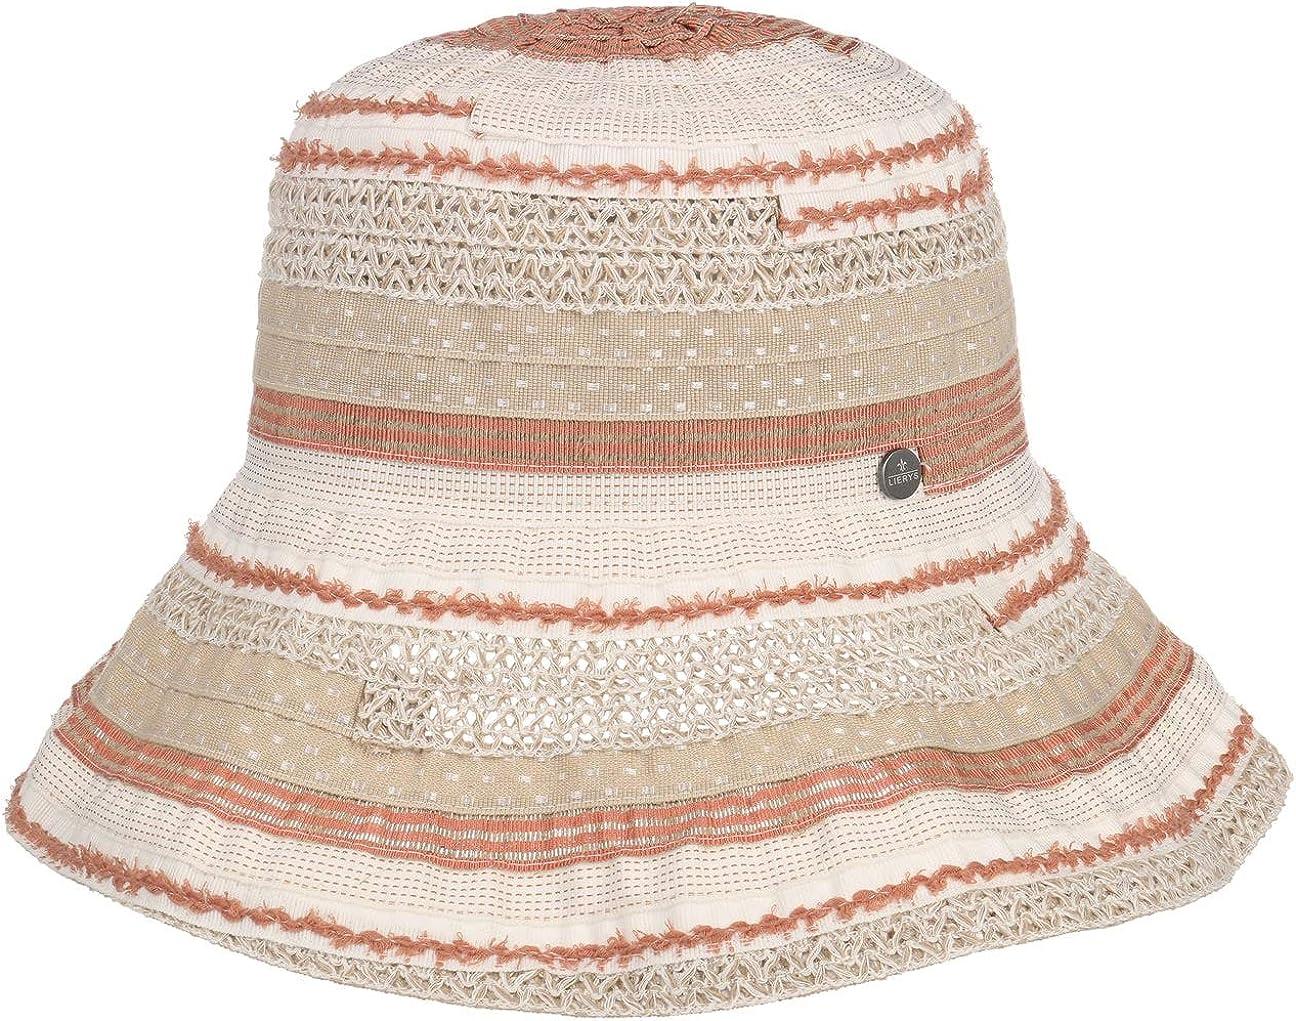 Lierys Sombrero de ala Ancha Mitalia Mujer - Made in Italy Lino algodón Primavera/Verano